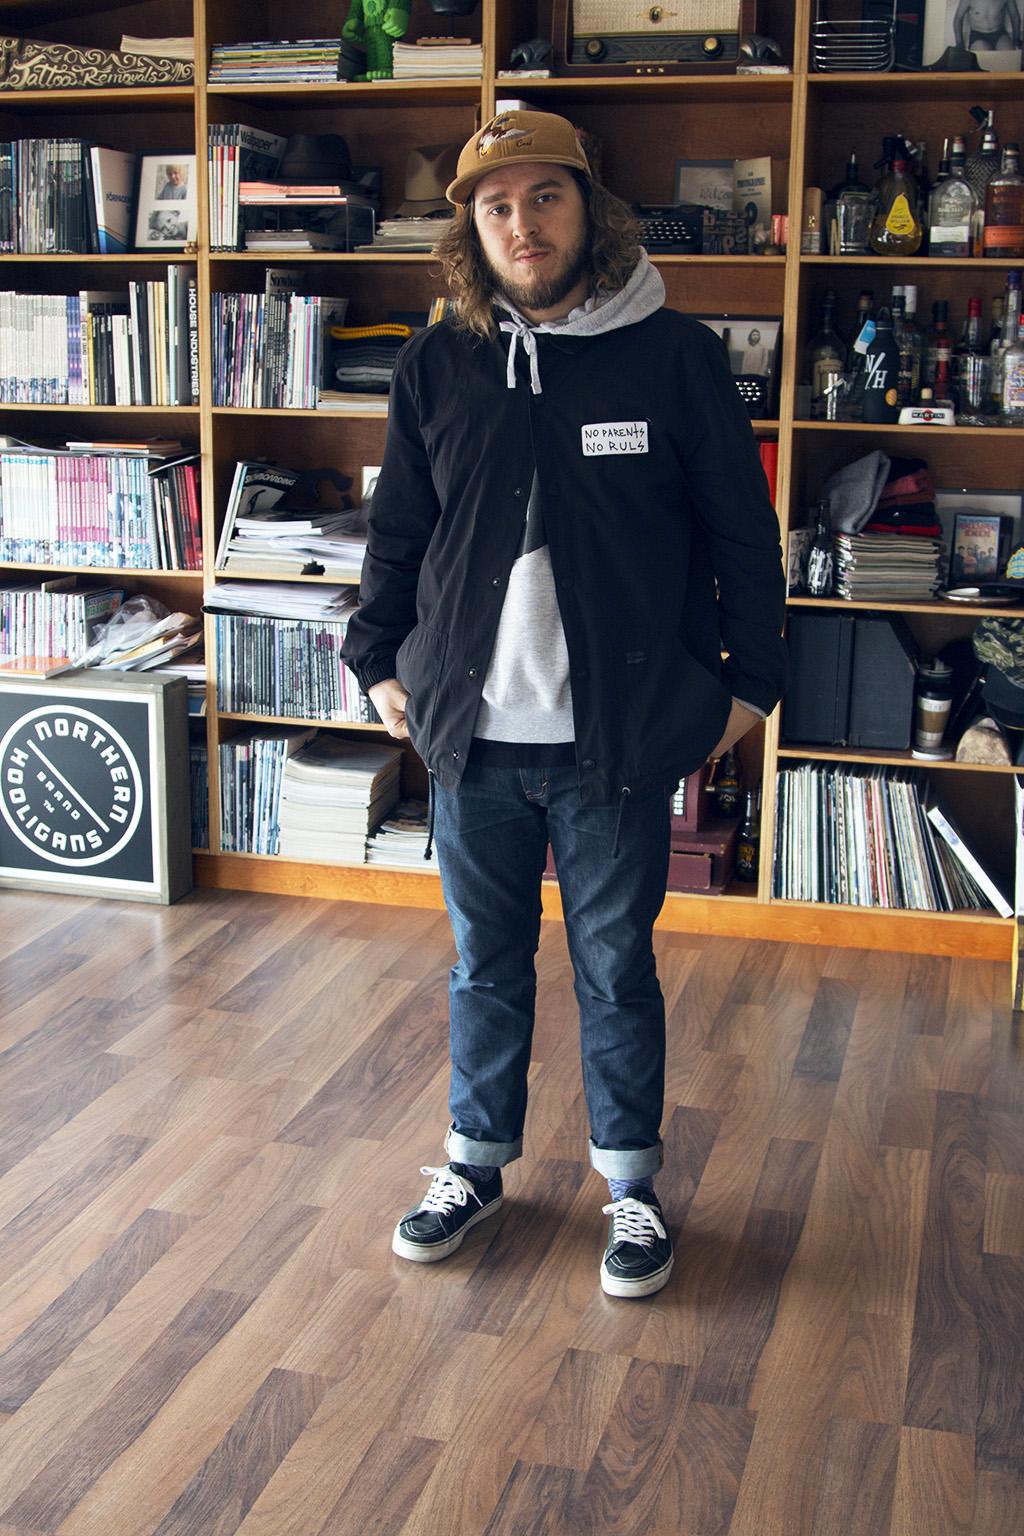 Inom skate-världen är det viktigt att representera sitt intresse genom sin klädstil, Anton Svanborg, chef på Stale är ett praktexempel på detta. Jackan är köpt i NYC och är av märket illest. Den gråa hoodien som lurar under jackan är från Capita.